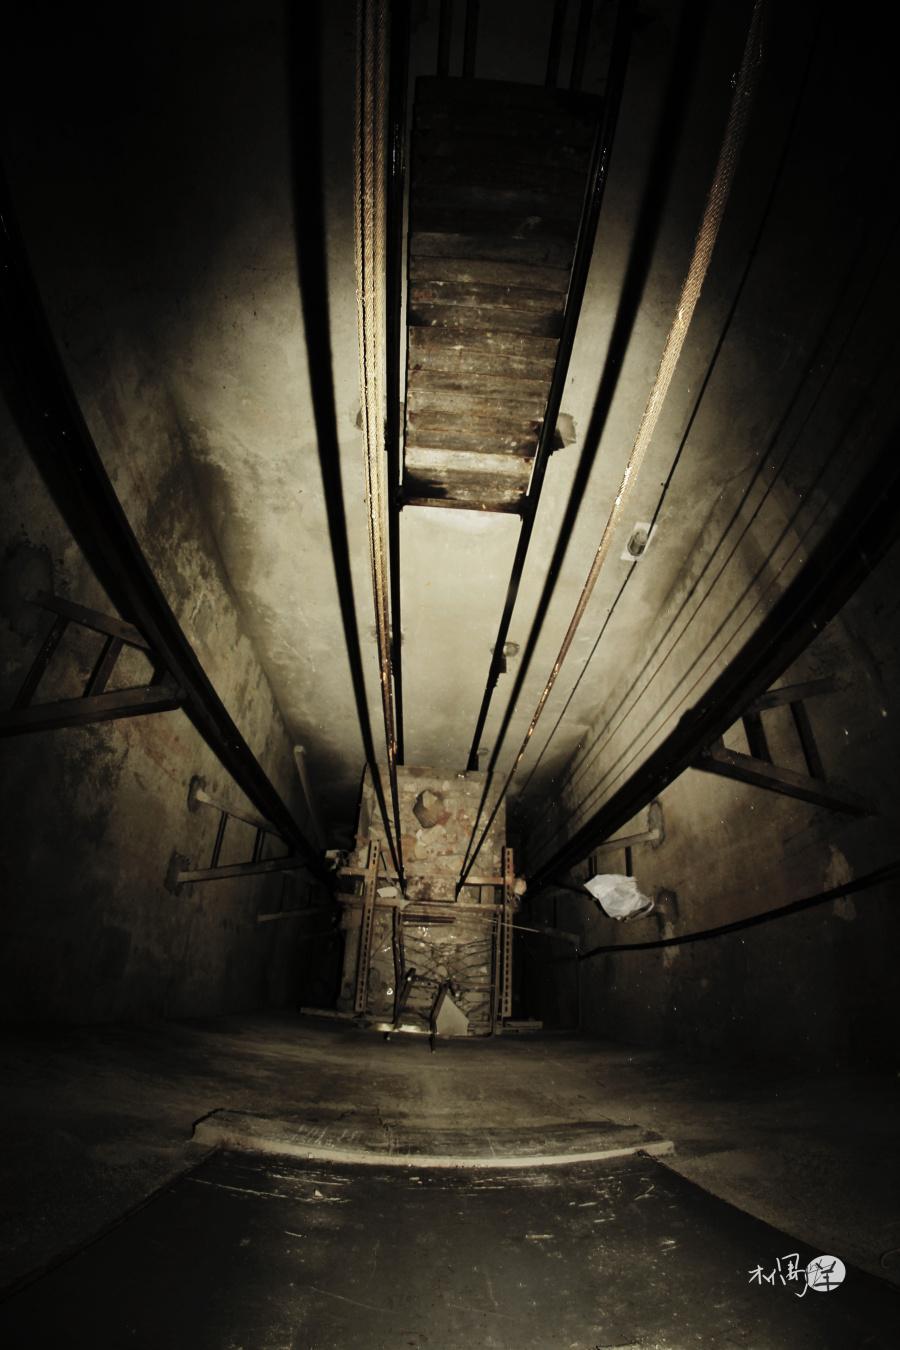 失落之地--意大利废弃精神病院外景拍摄 环境\/